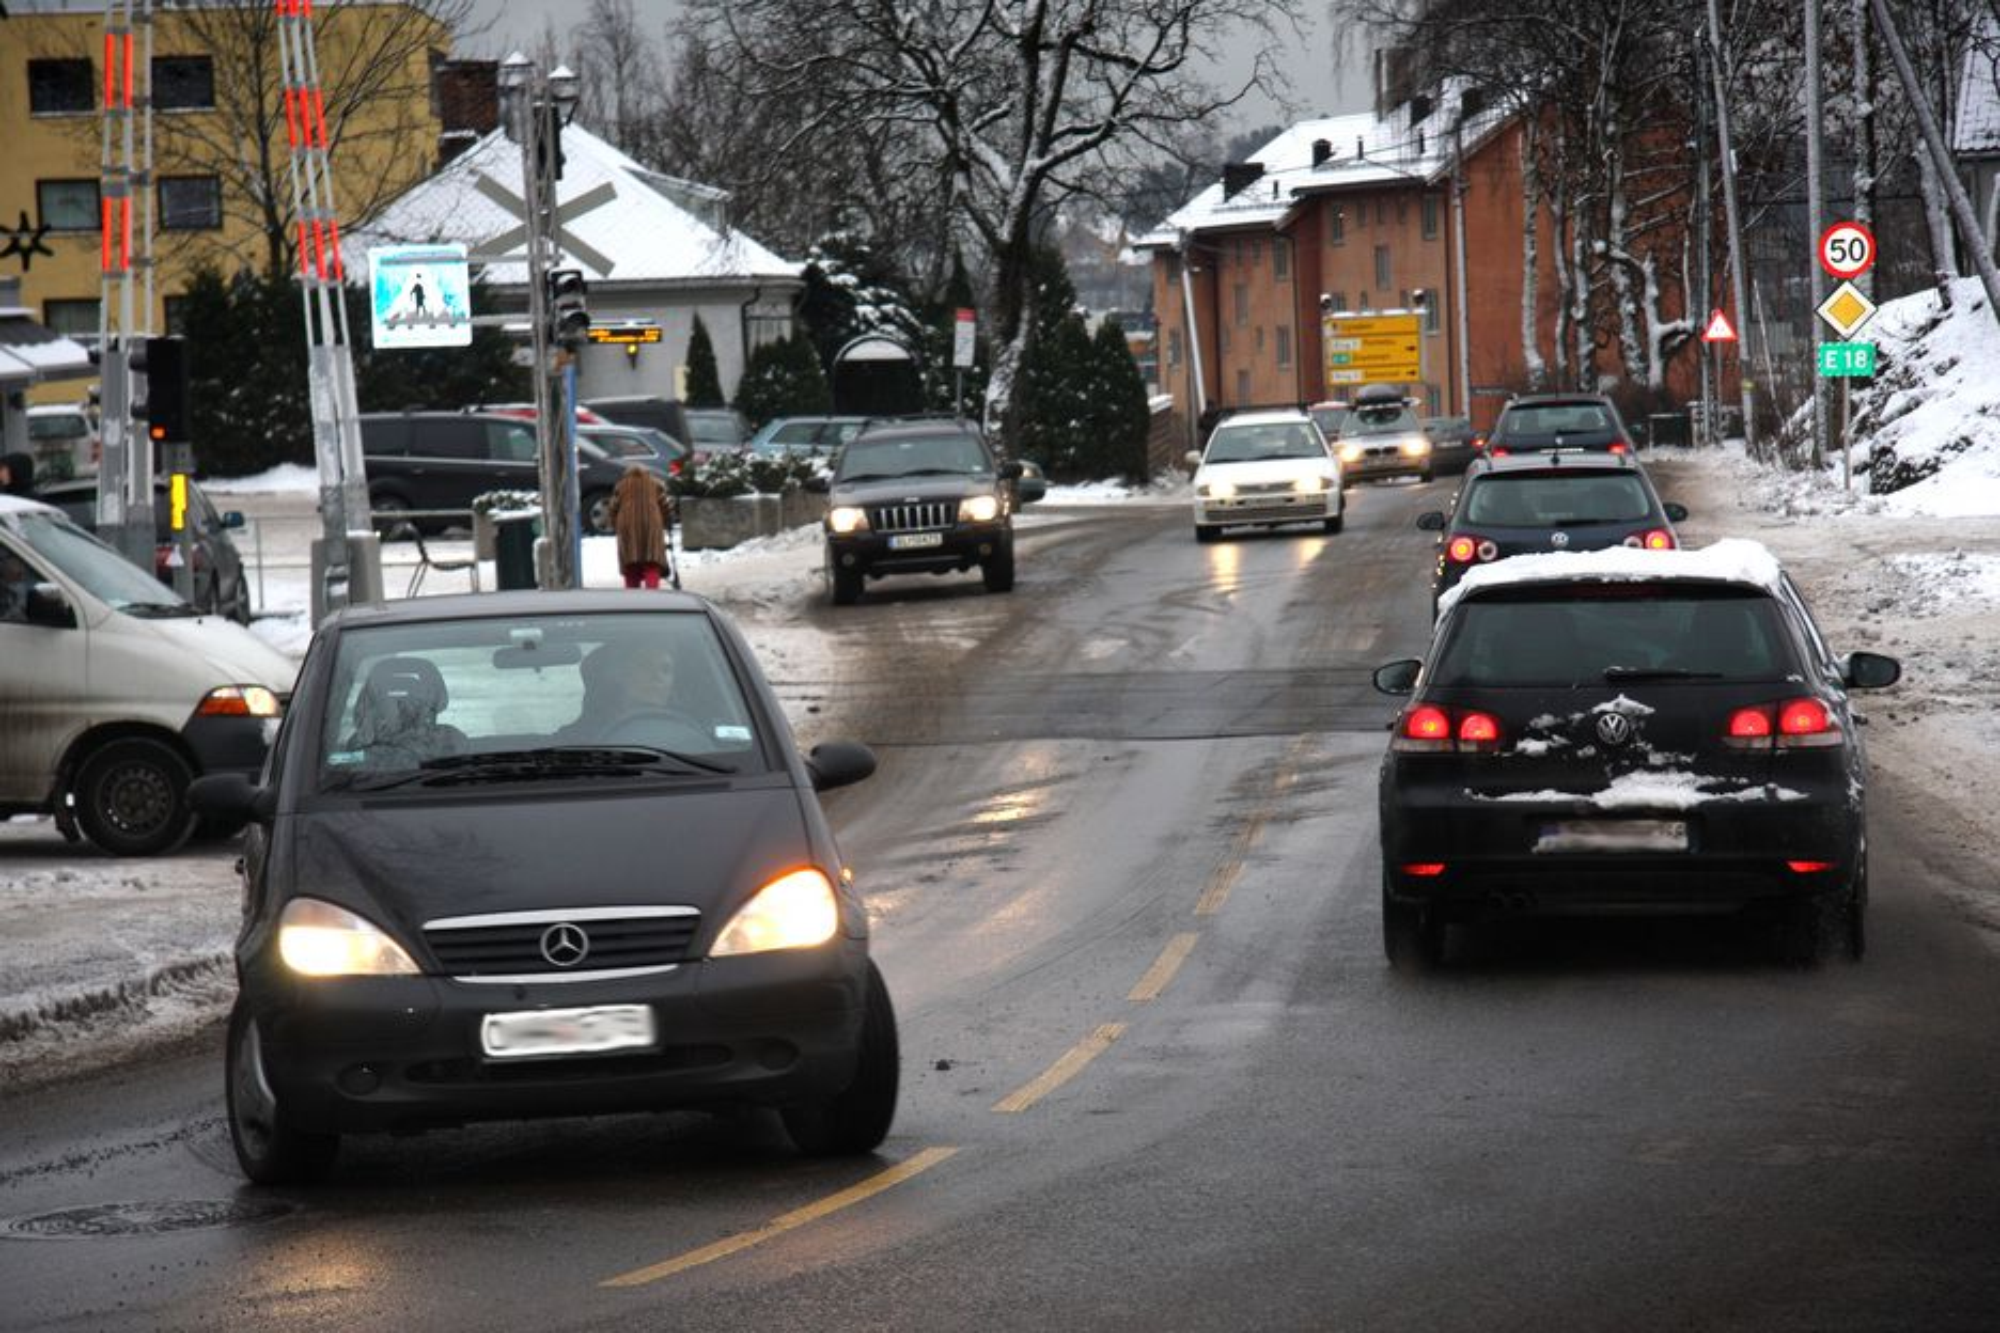 Statens vegvesen skal teste et system hvor bilene «sladrer» til hverandre om kjøreforhold og hendelser på veiene.